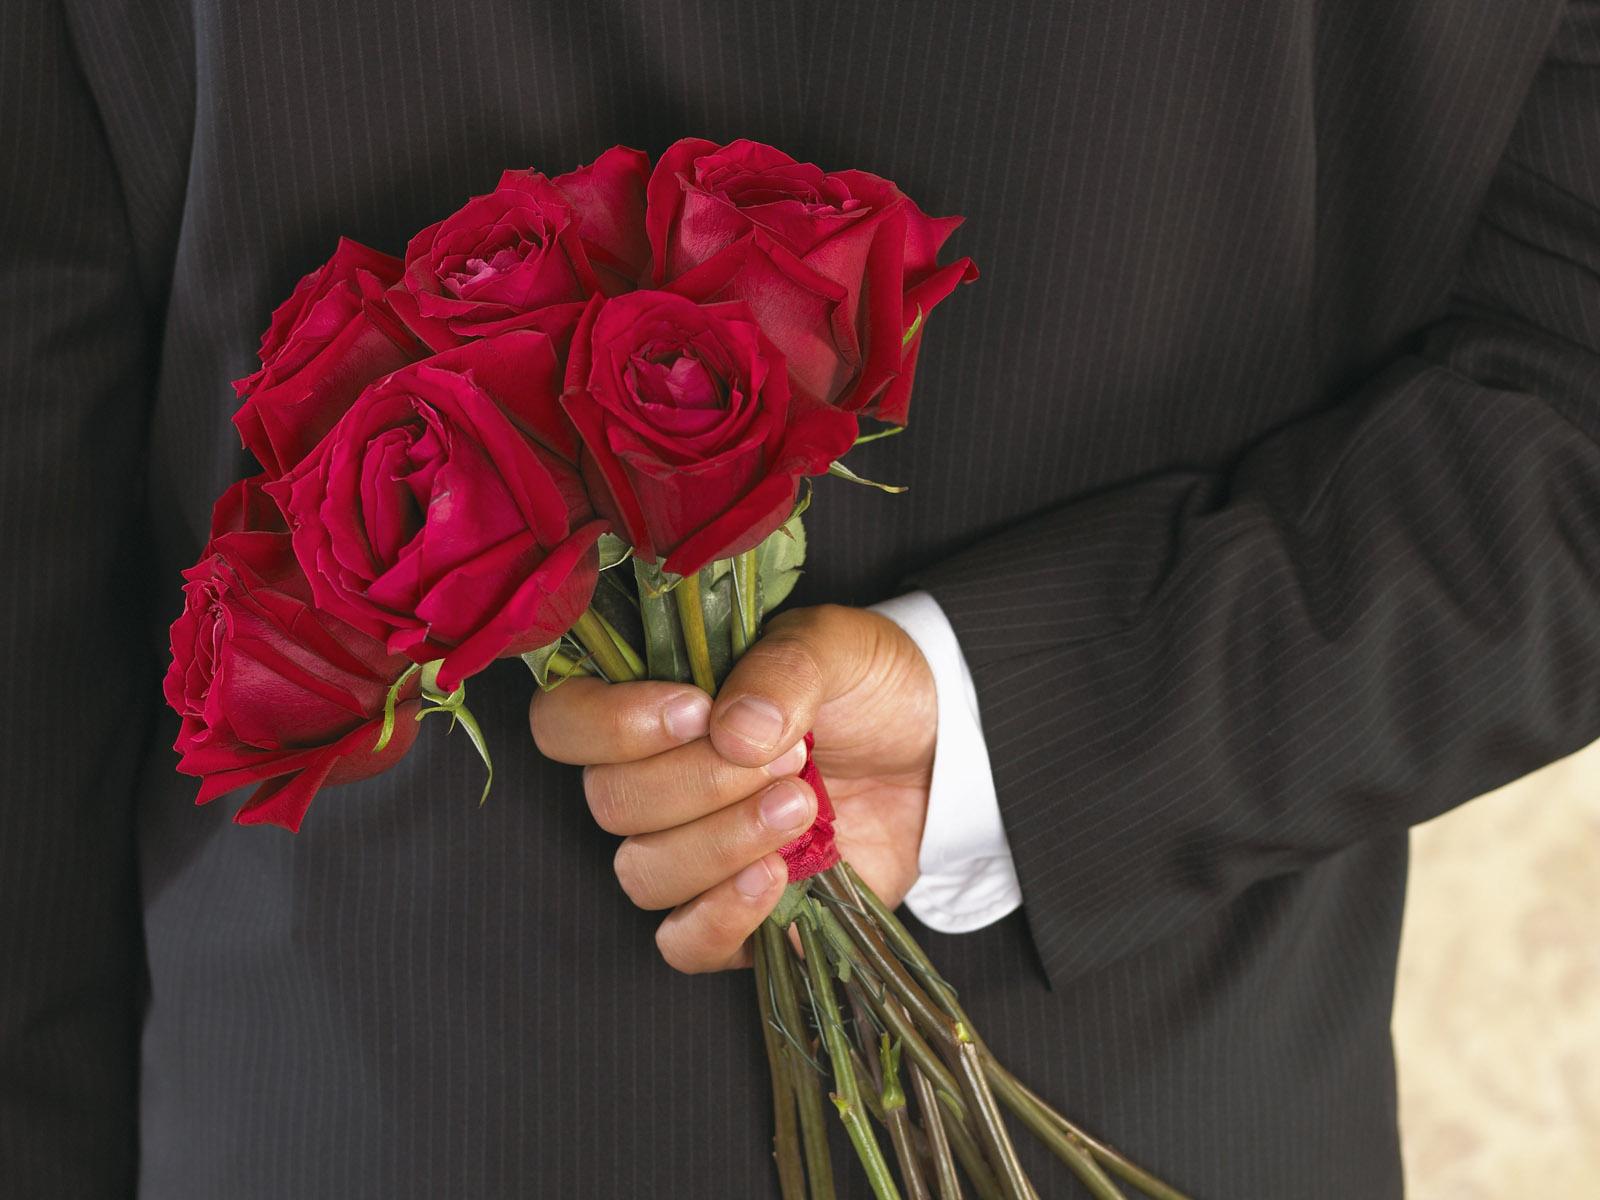 da se zna red... poštovanje i .... možda malo iskrene zahvalnosti. International_Womens_Day_Flowers_from_a_loved_on_8_March_014547_